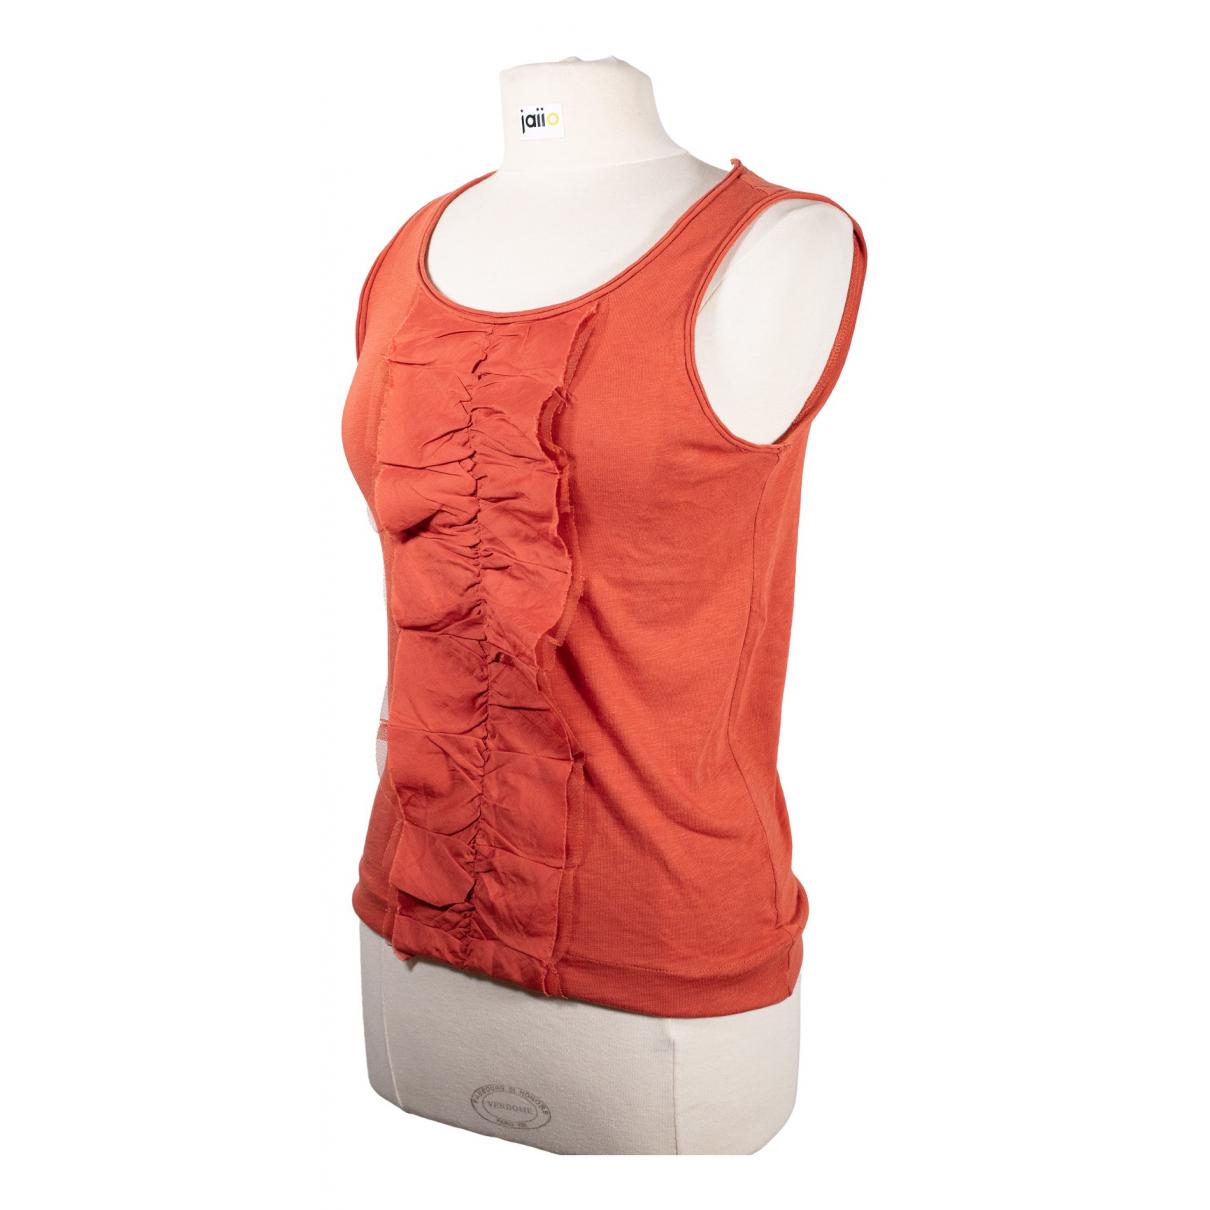 J.crew - Top   pour femme en coton - rouge